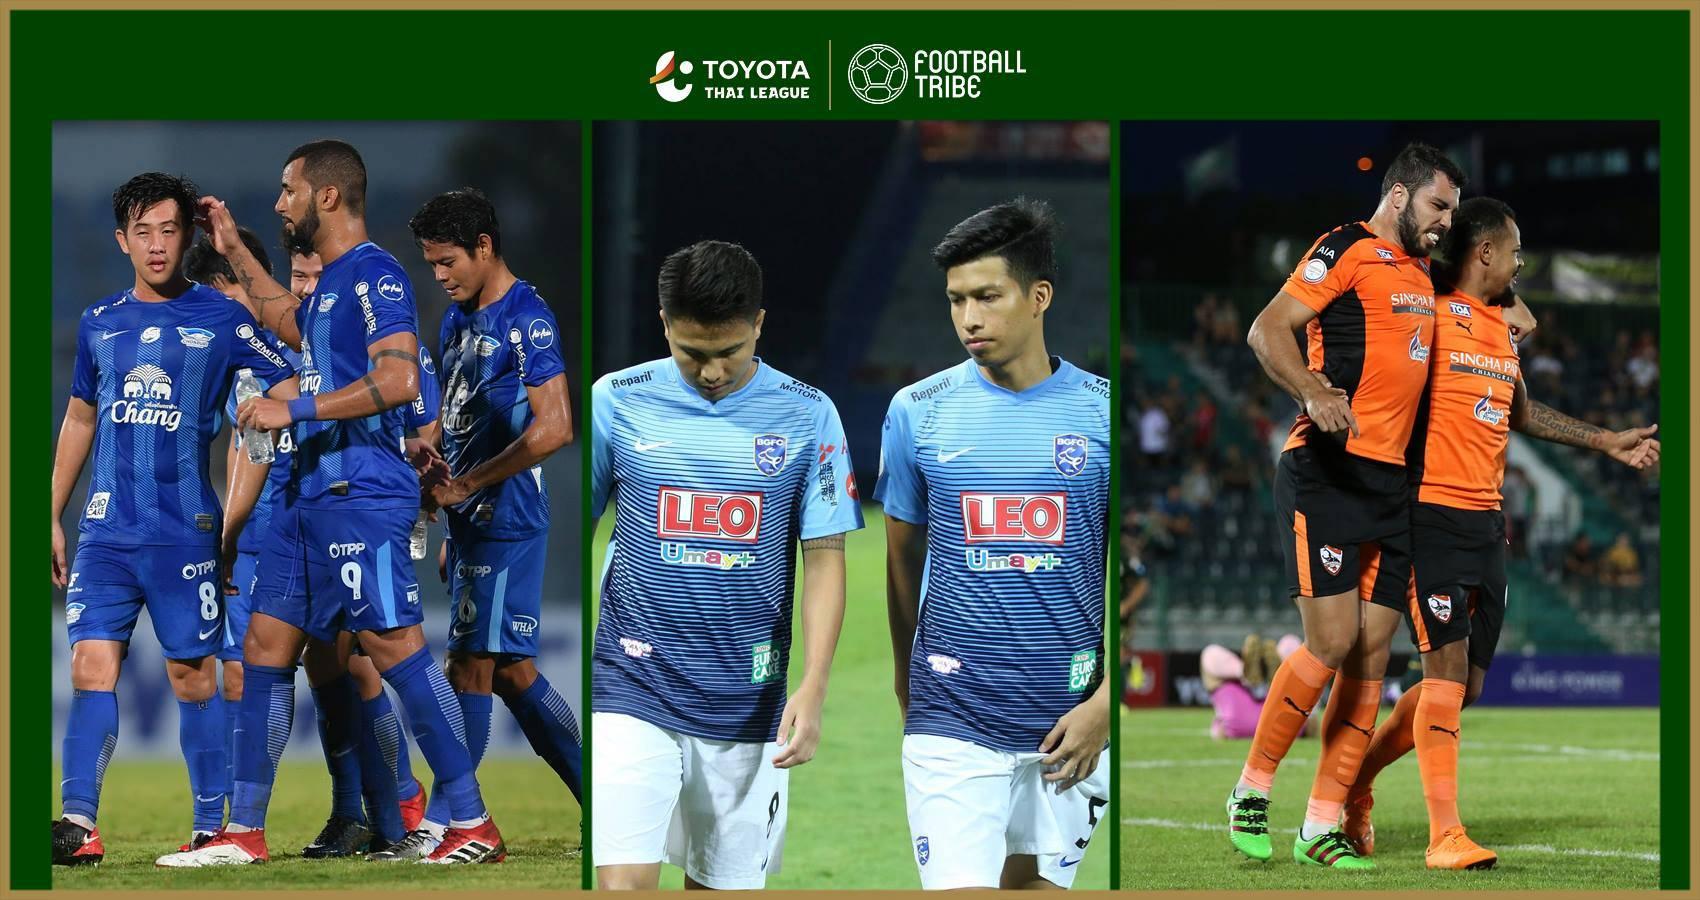 ยักษ์ลำบาก: 5 บิ๊กทีมผลงานน่าผิดหวังโตโยต้า ไทยลีก 2018